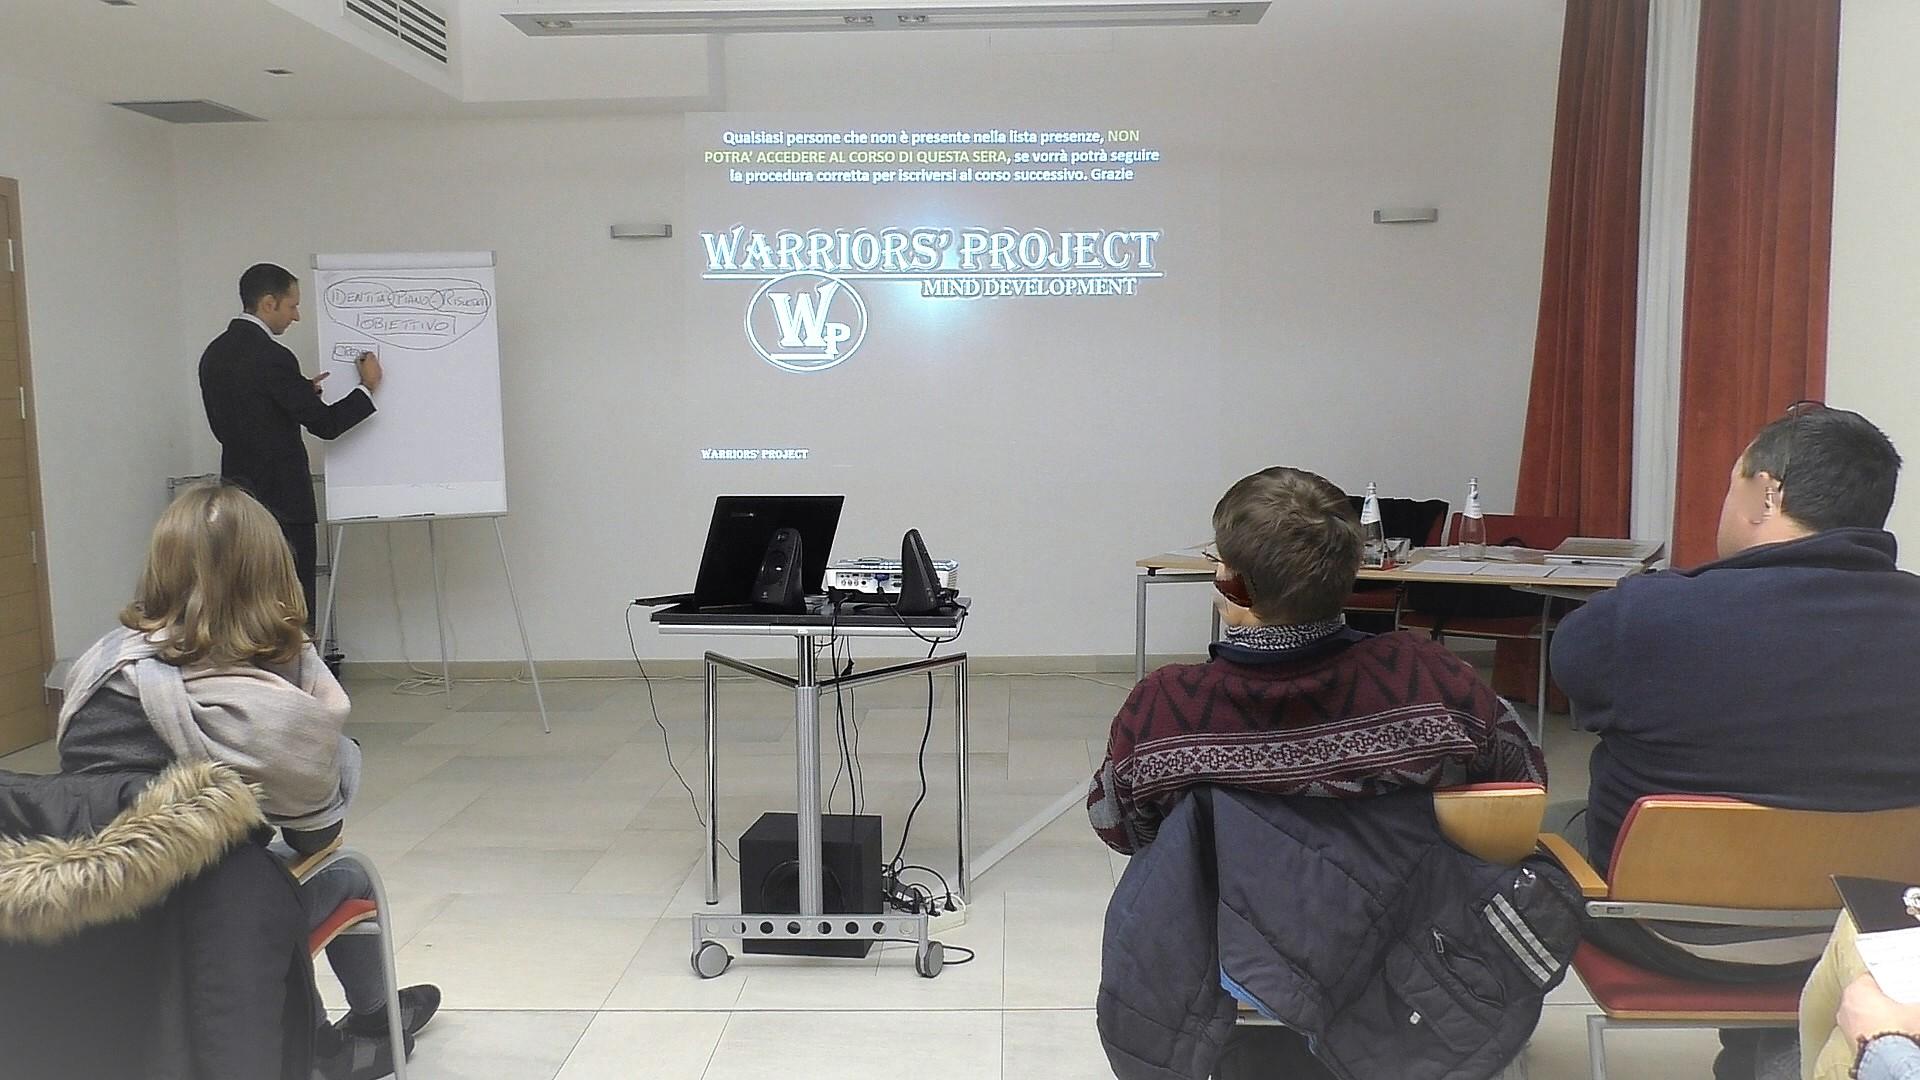 corso di formazione parma warriors project leadership emozioni superare limiti comunicazione ansia stess migliorare obiettivi strategia successo vincenzo cento 1 reggio emilia